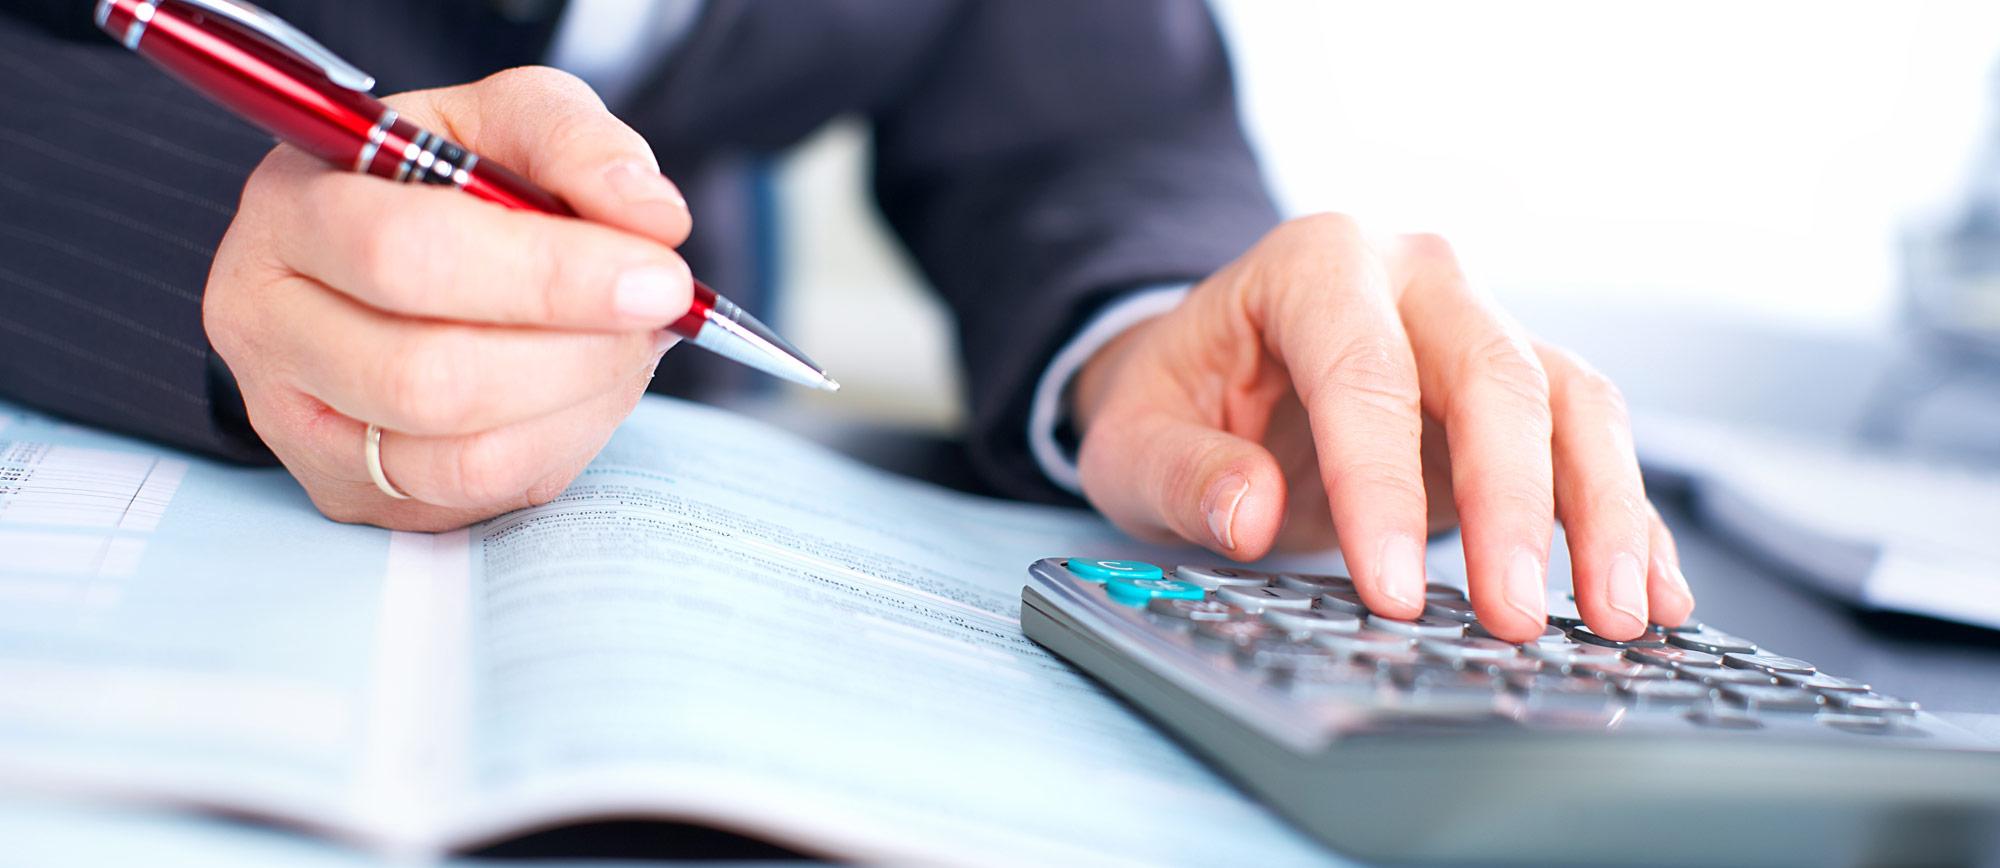 Information comptabilité : qu'attendez-vous pour vous munir d'un outil ?